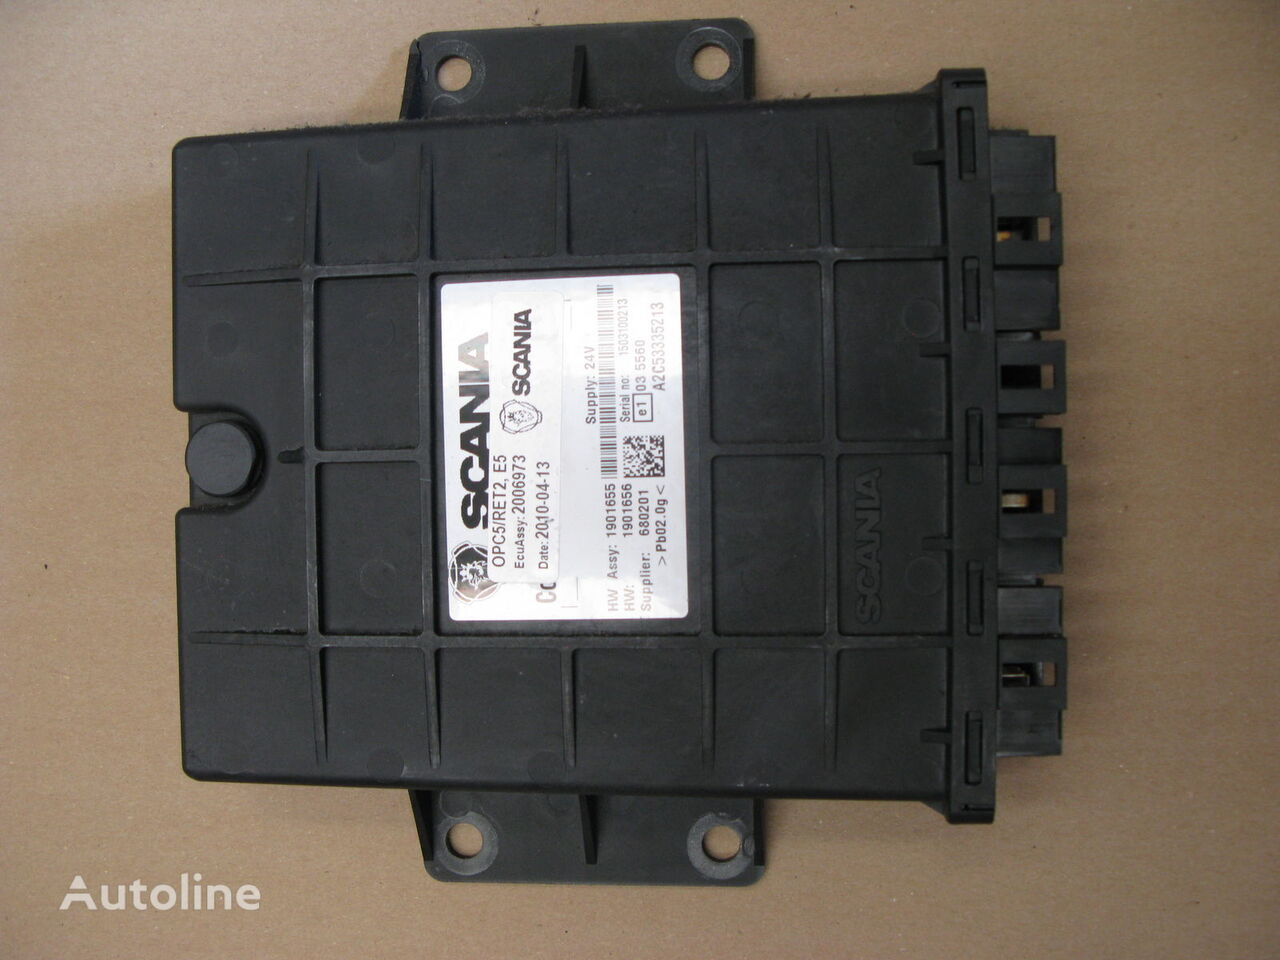 SCANIA STEROWNIK RETARDER (2006973) unidad de control para SCANIA R tractora